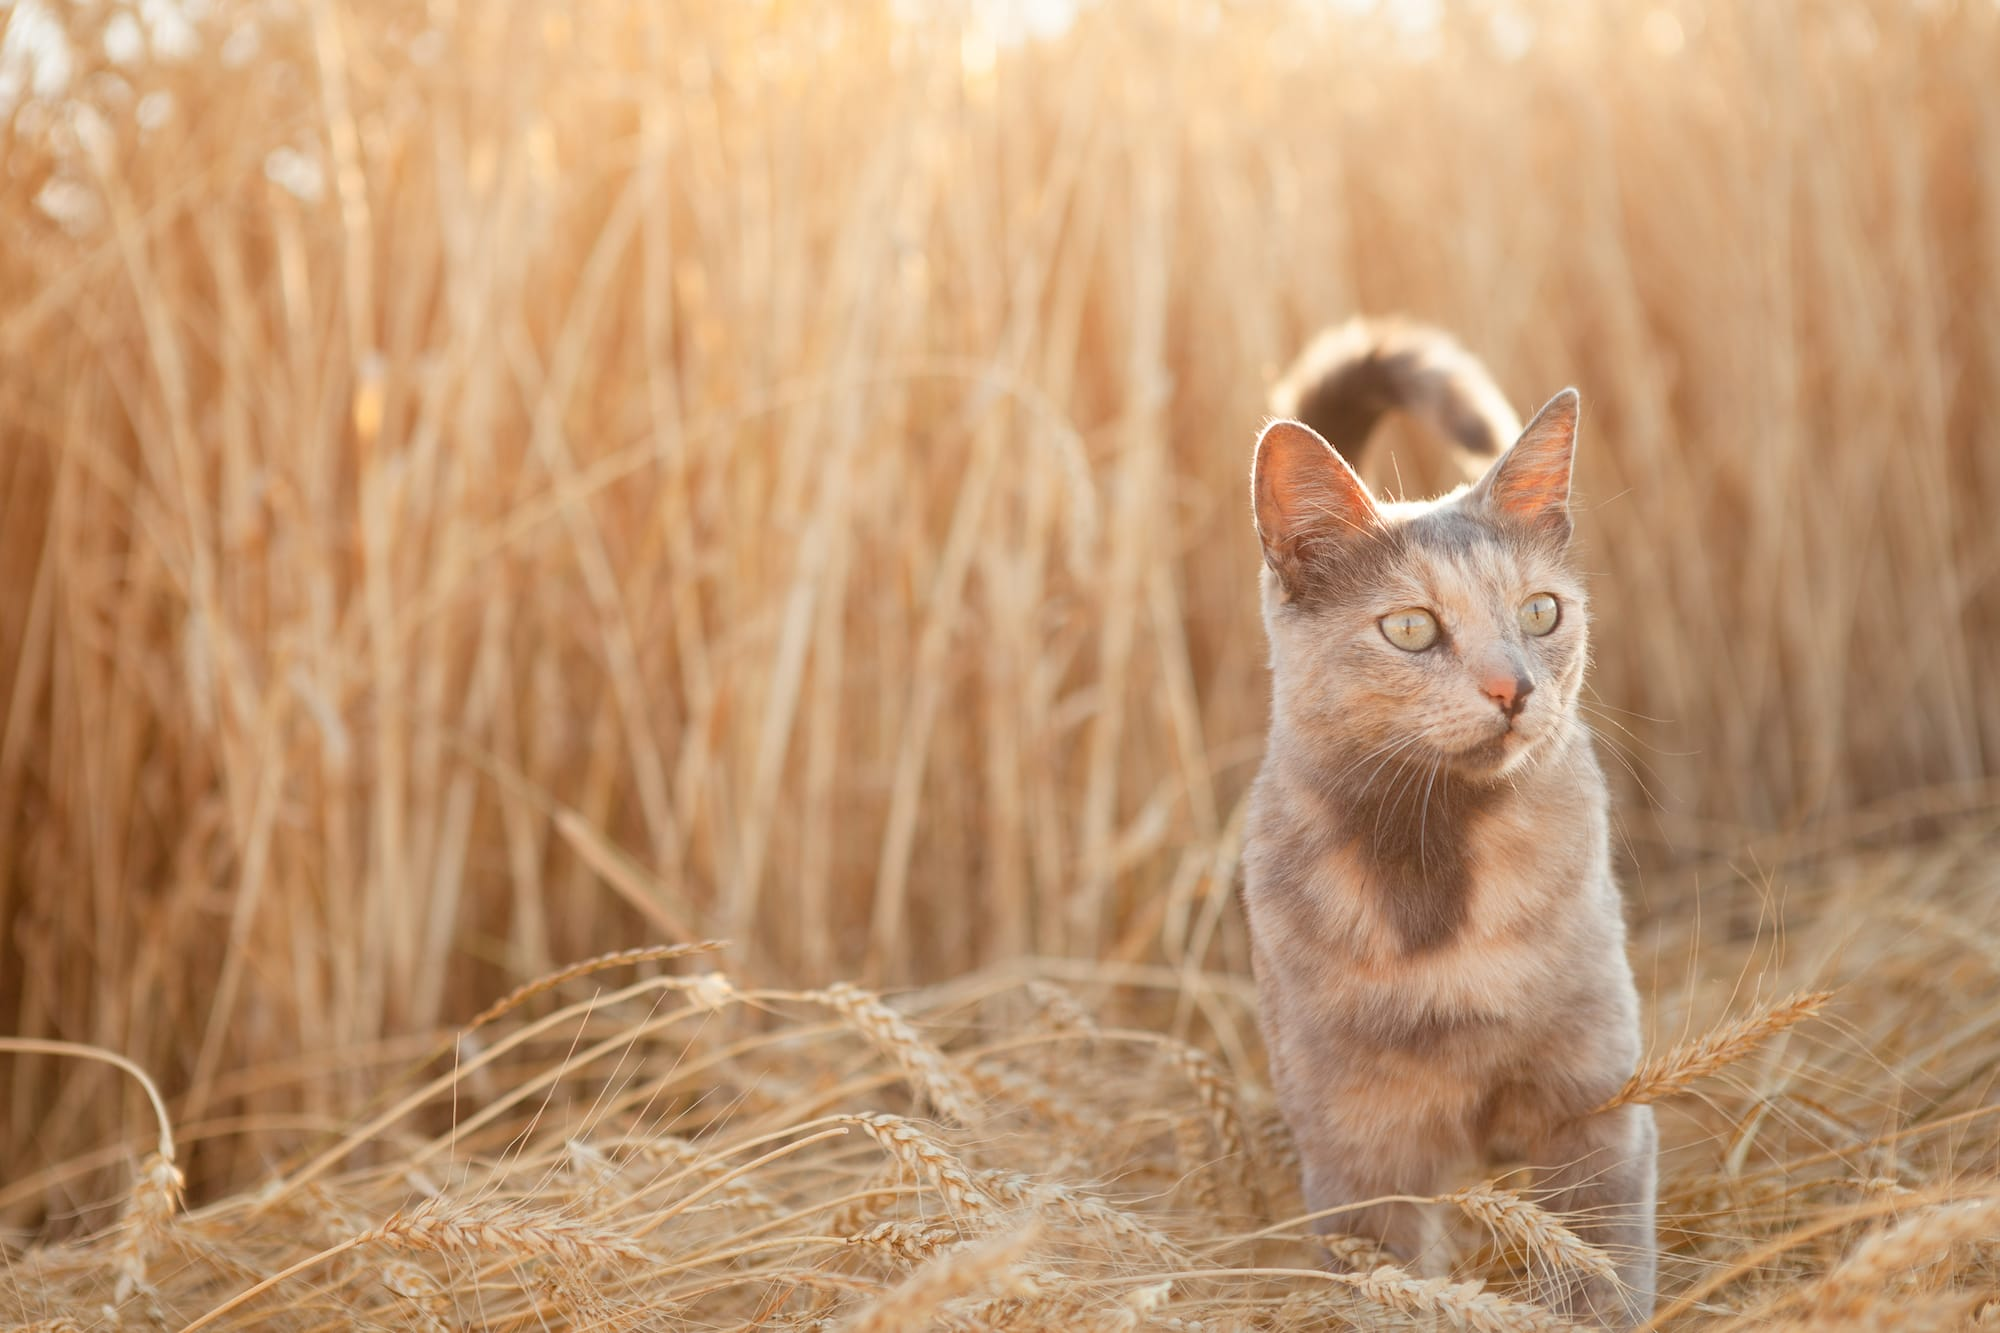 Grain Free Cat Food